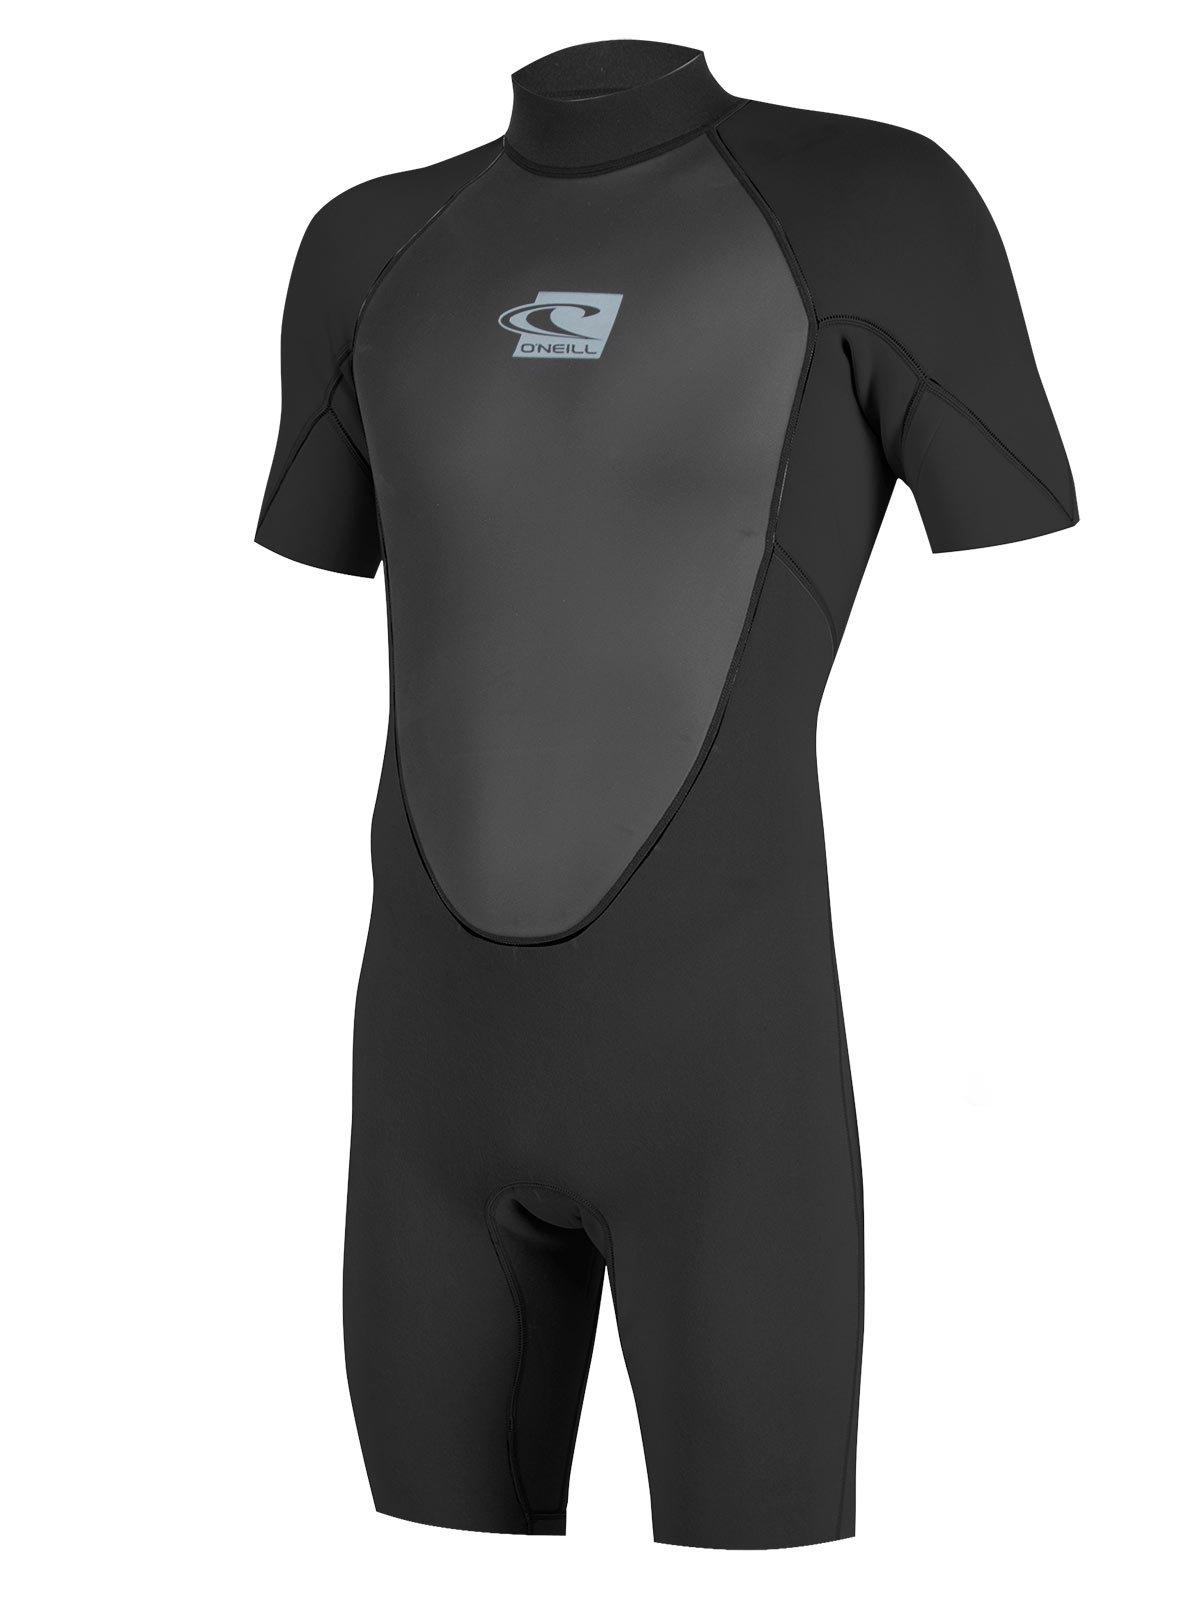 O'Neill Reactor Mens Shorty 2mm Neoprene Spring Wetsuit (All black (5124B), 3X-Large Short)